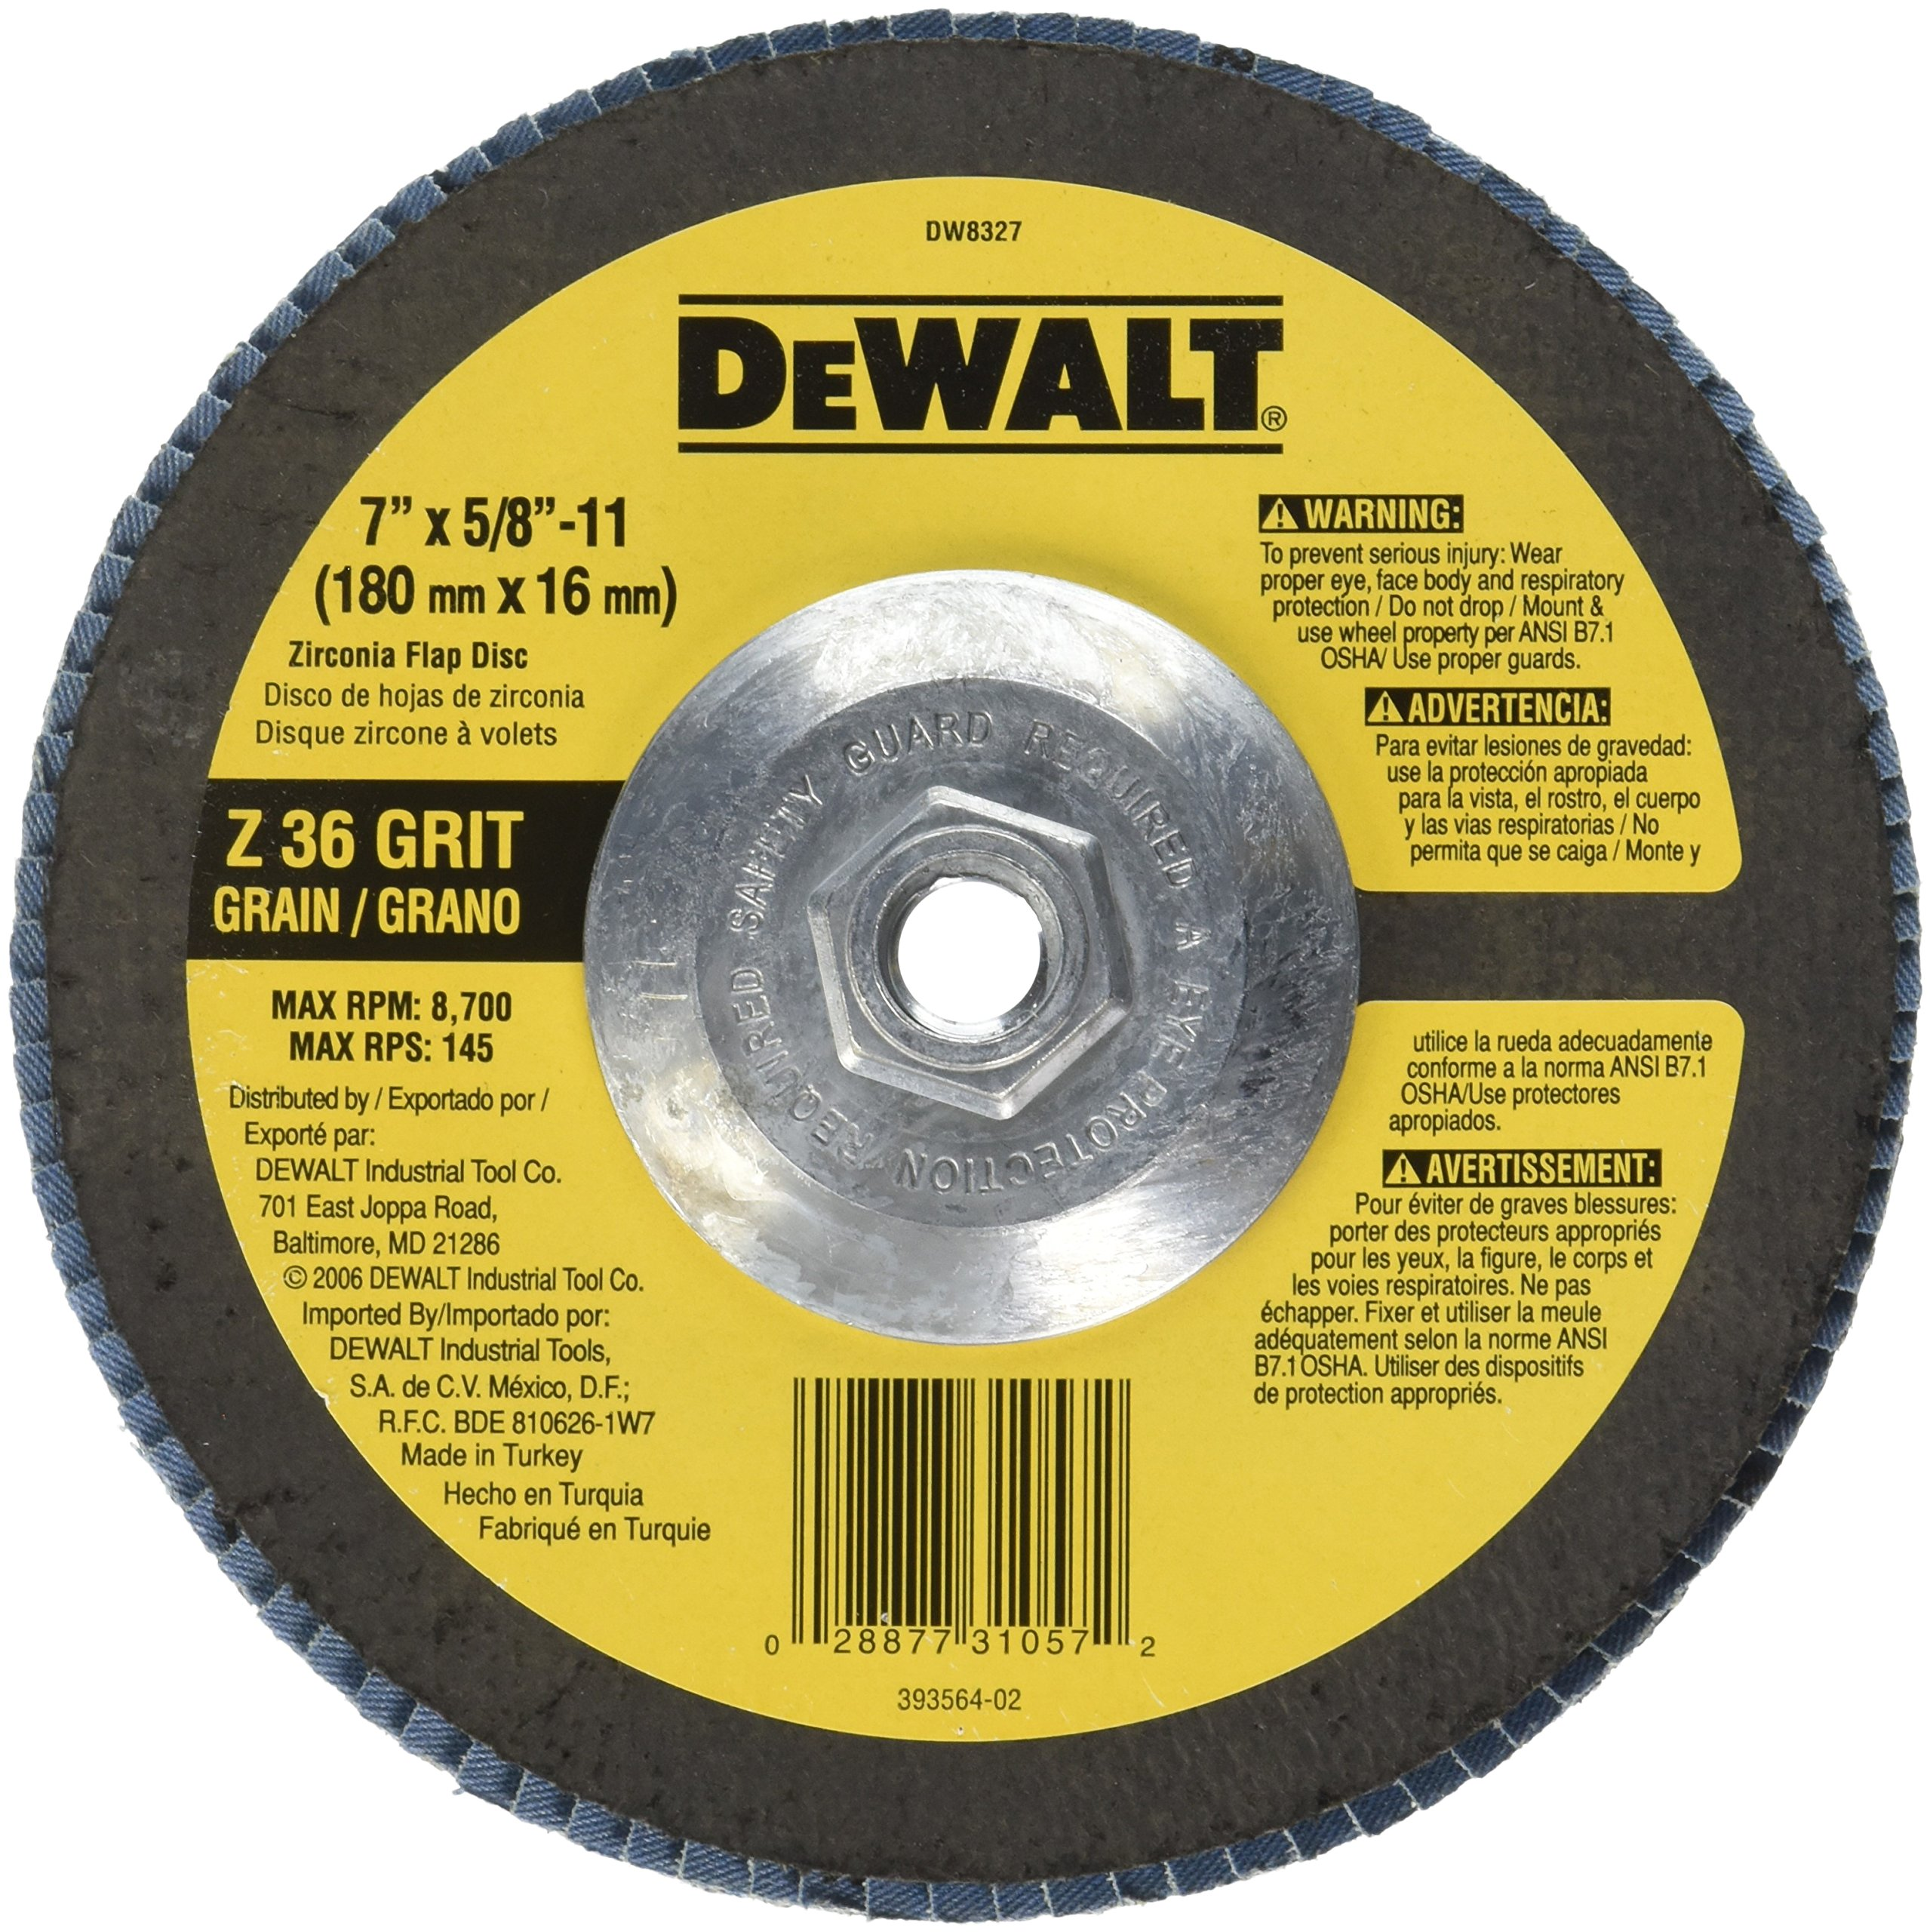 DEWALT DW8327 7-Inch by 5/8-Inch-11 36 Grit Zirconia Angle Grinder Flap Disc